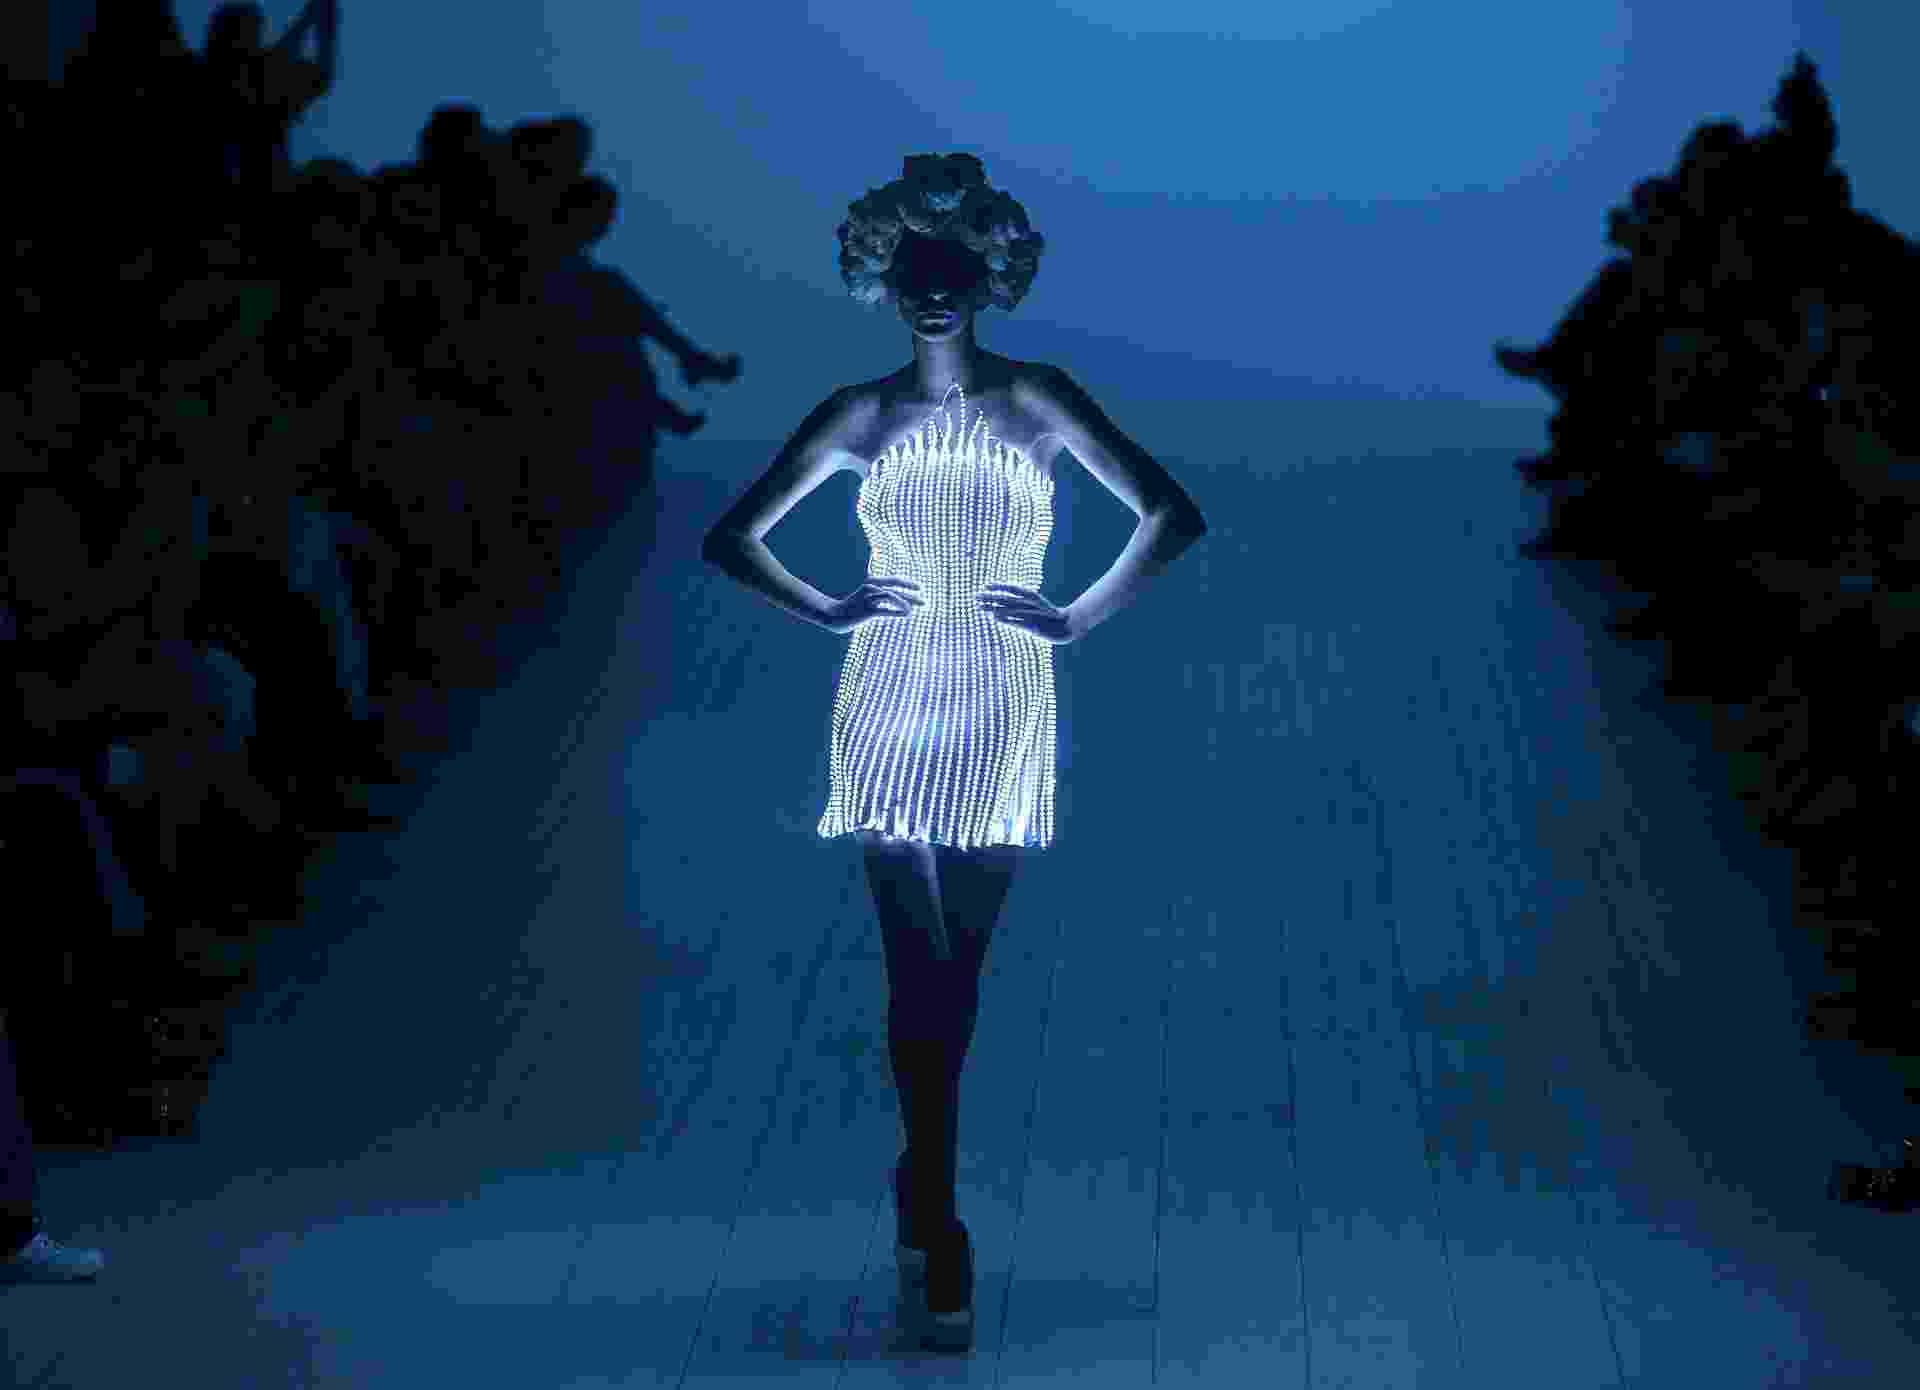 """11.out.2013 - Uma modelo desfila vestindo uma criação """"iluminada"""" do estilista ucraniano Zalevskiy durante a Semana de Moda da Ucrânia, em Kiev - Sergei Supinsky/AFP"""